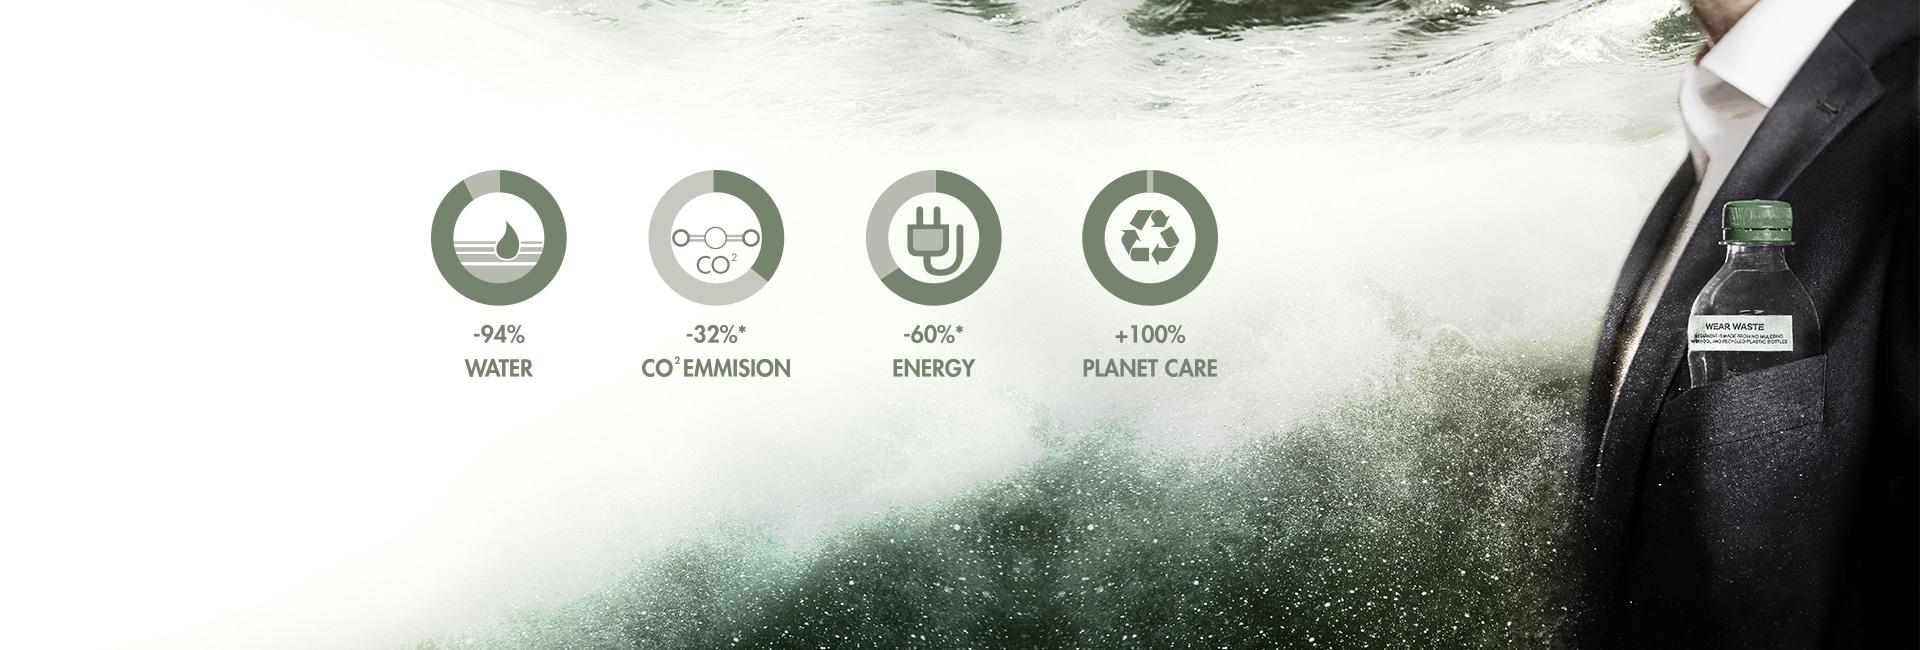 Duurzaamheids header 2 bedrijfskleding